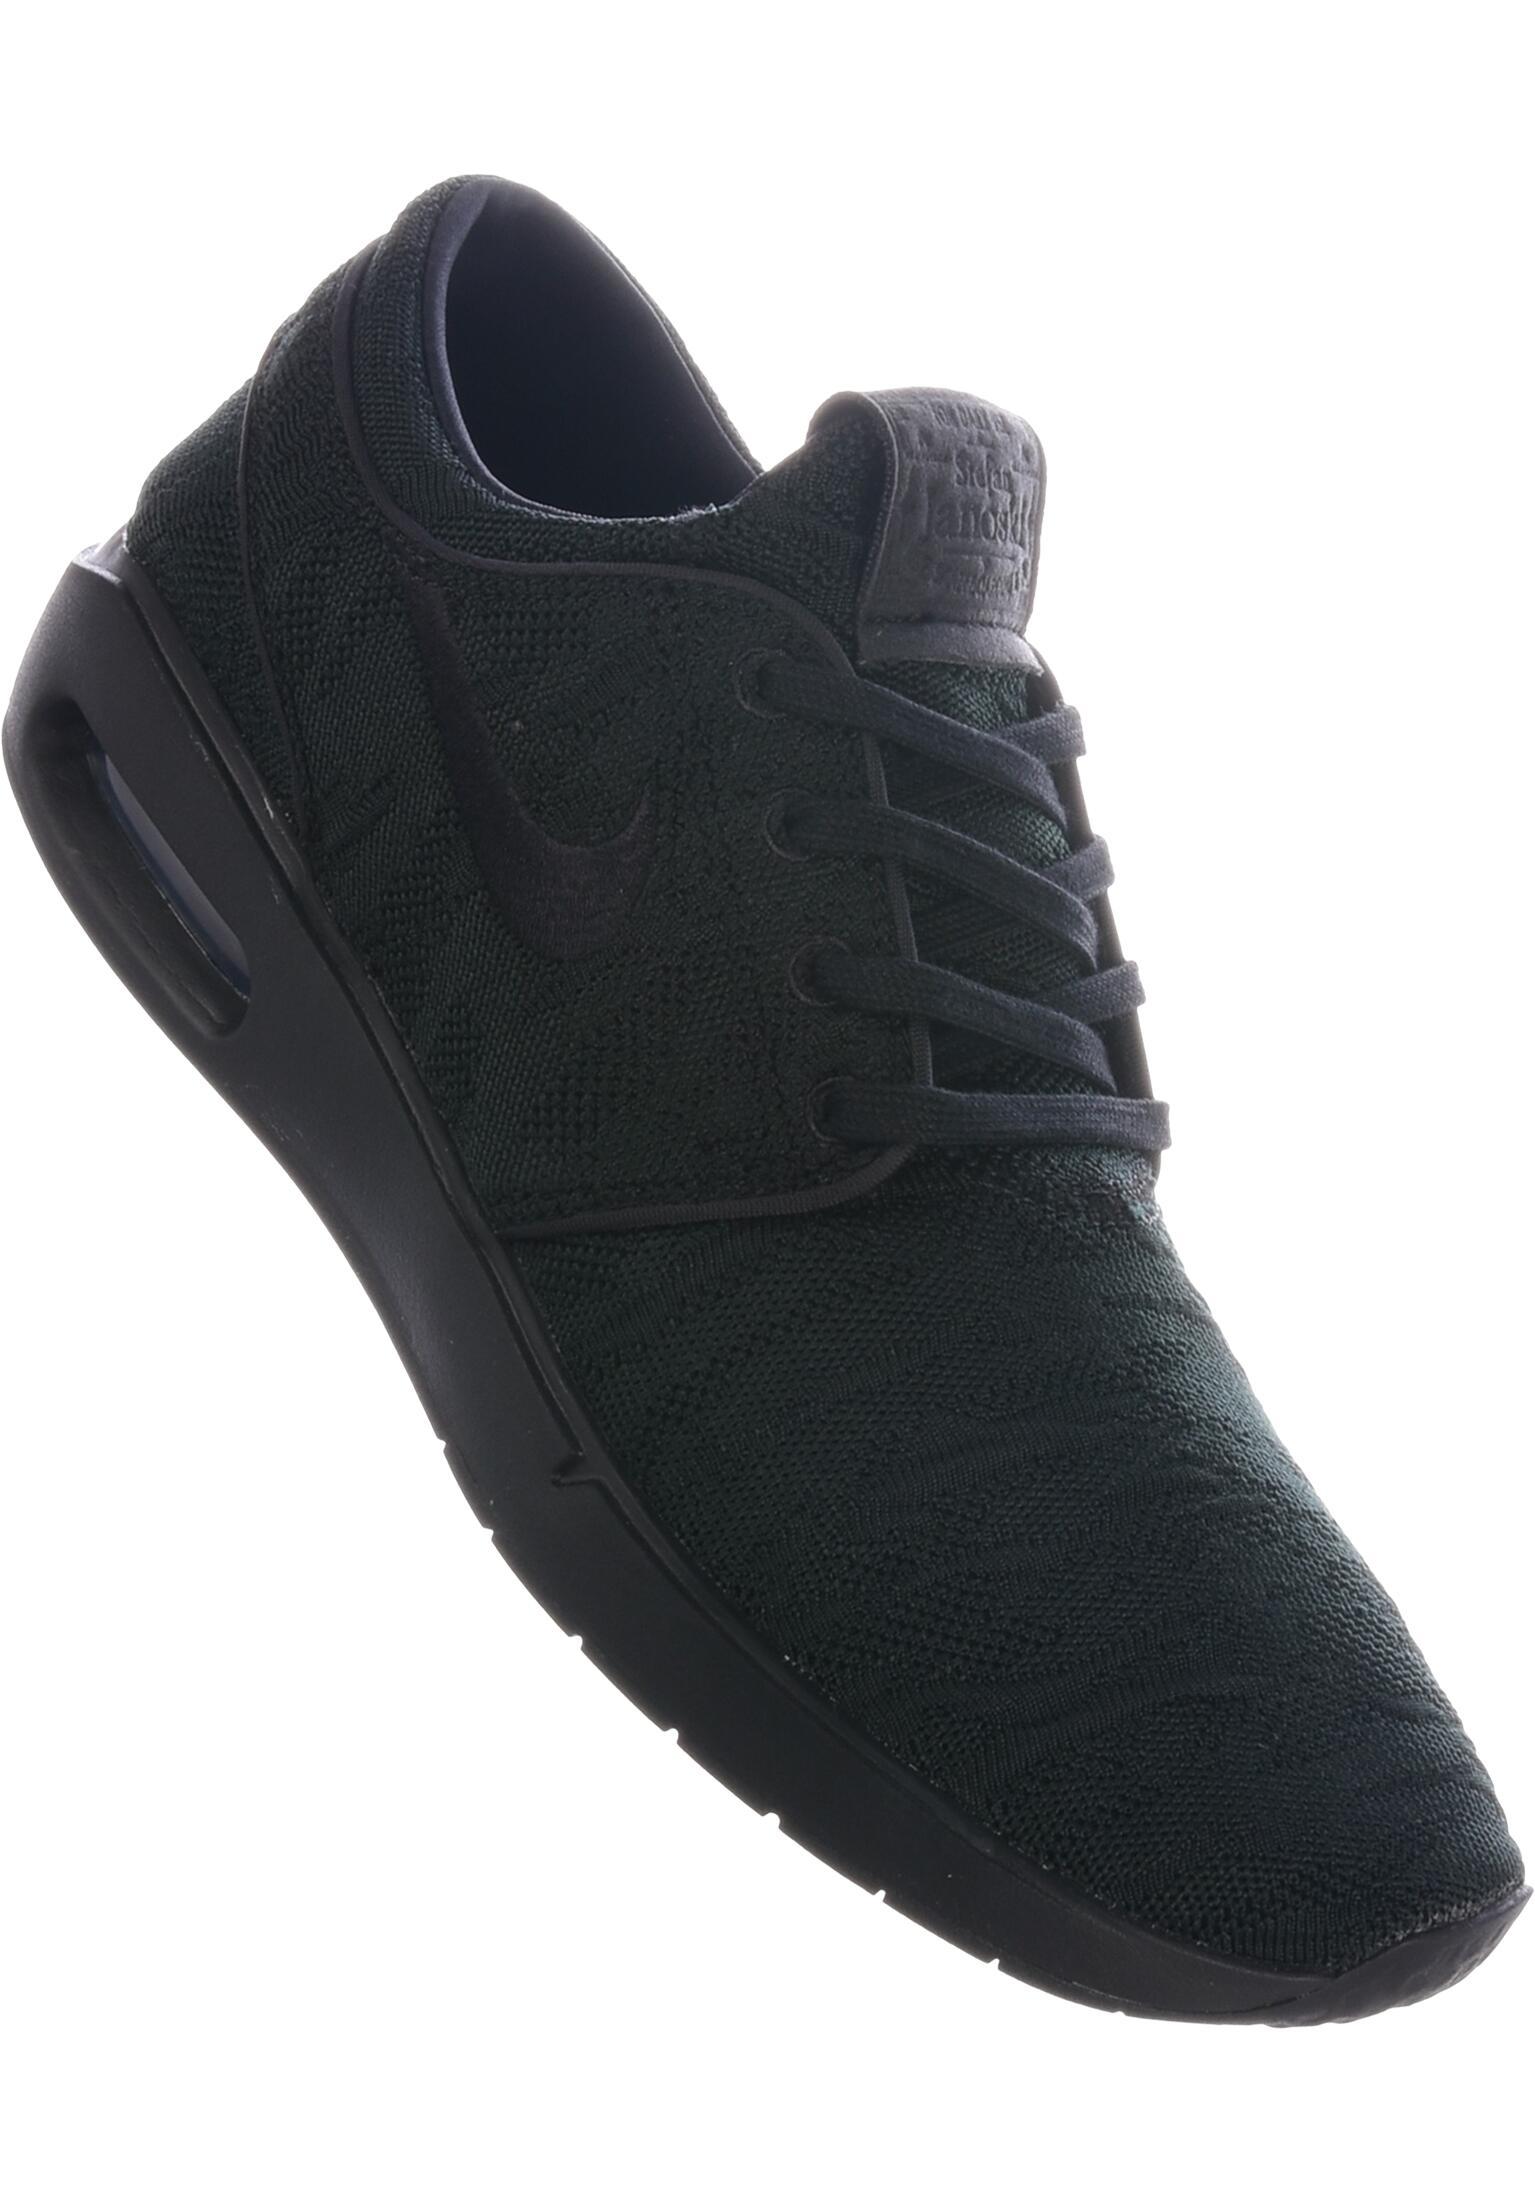 Koop Alle Schoenen voor Sale in de Titus Onlineshop | Titus